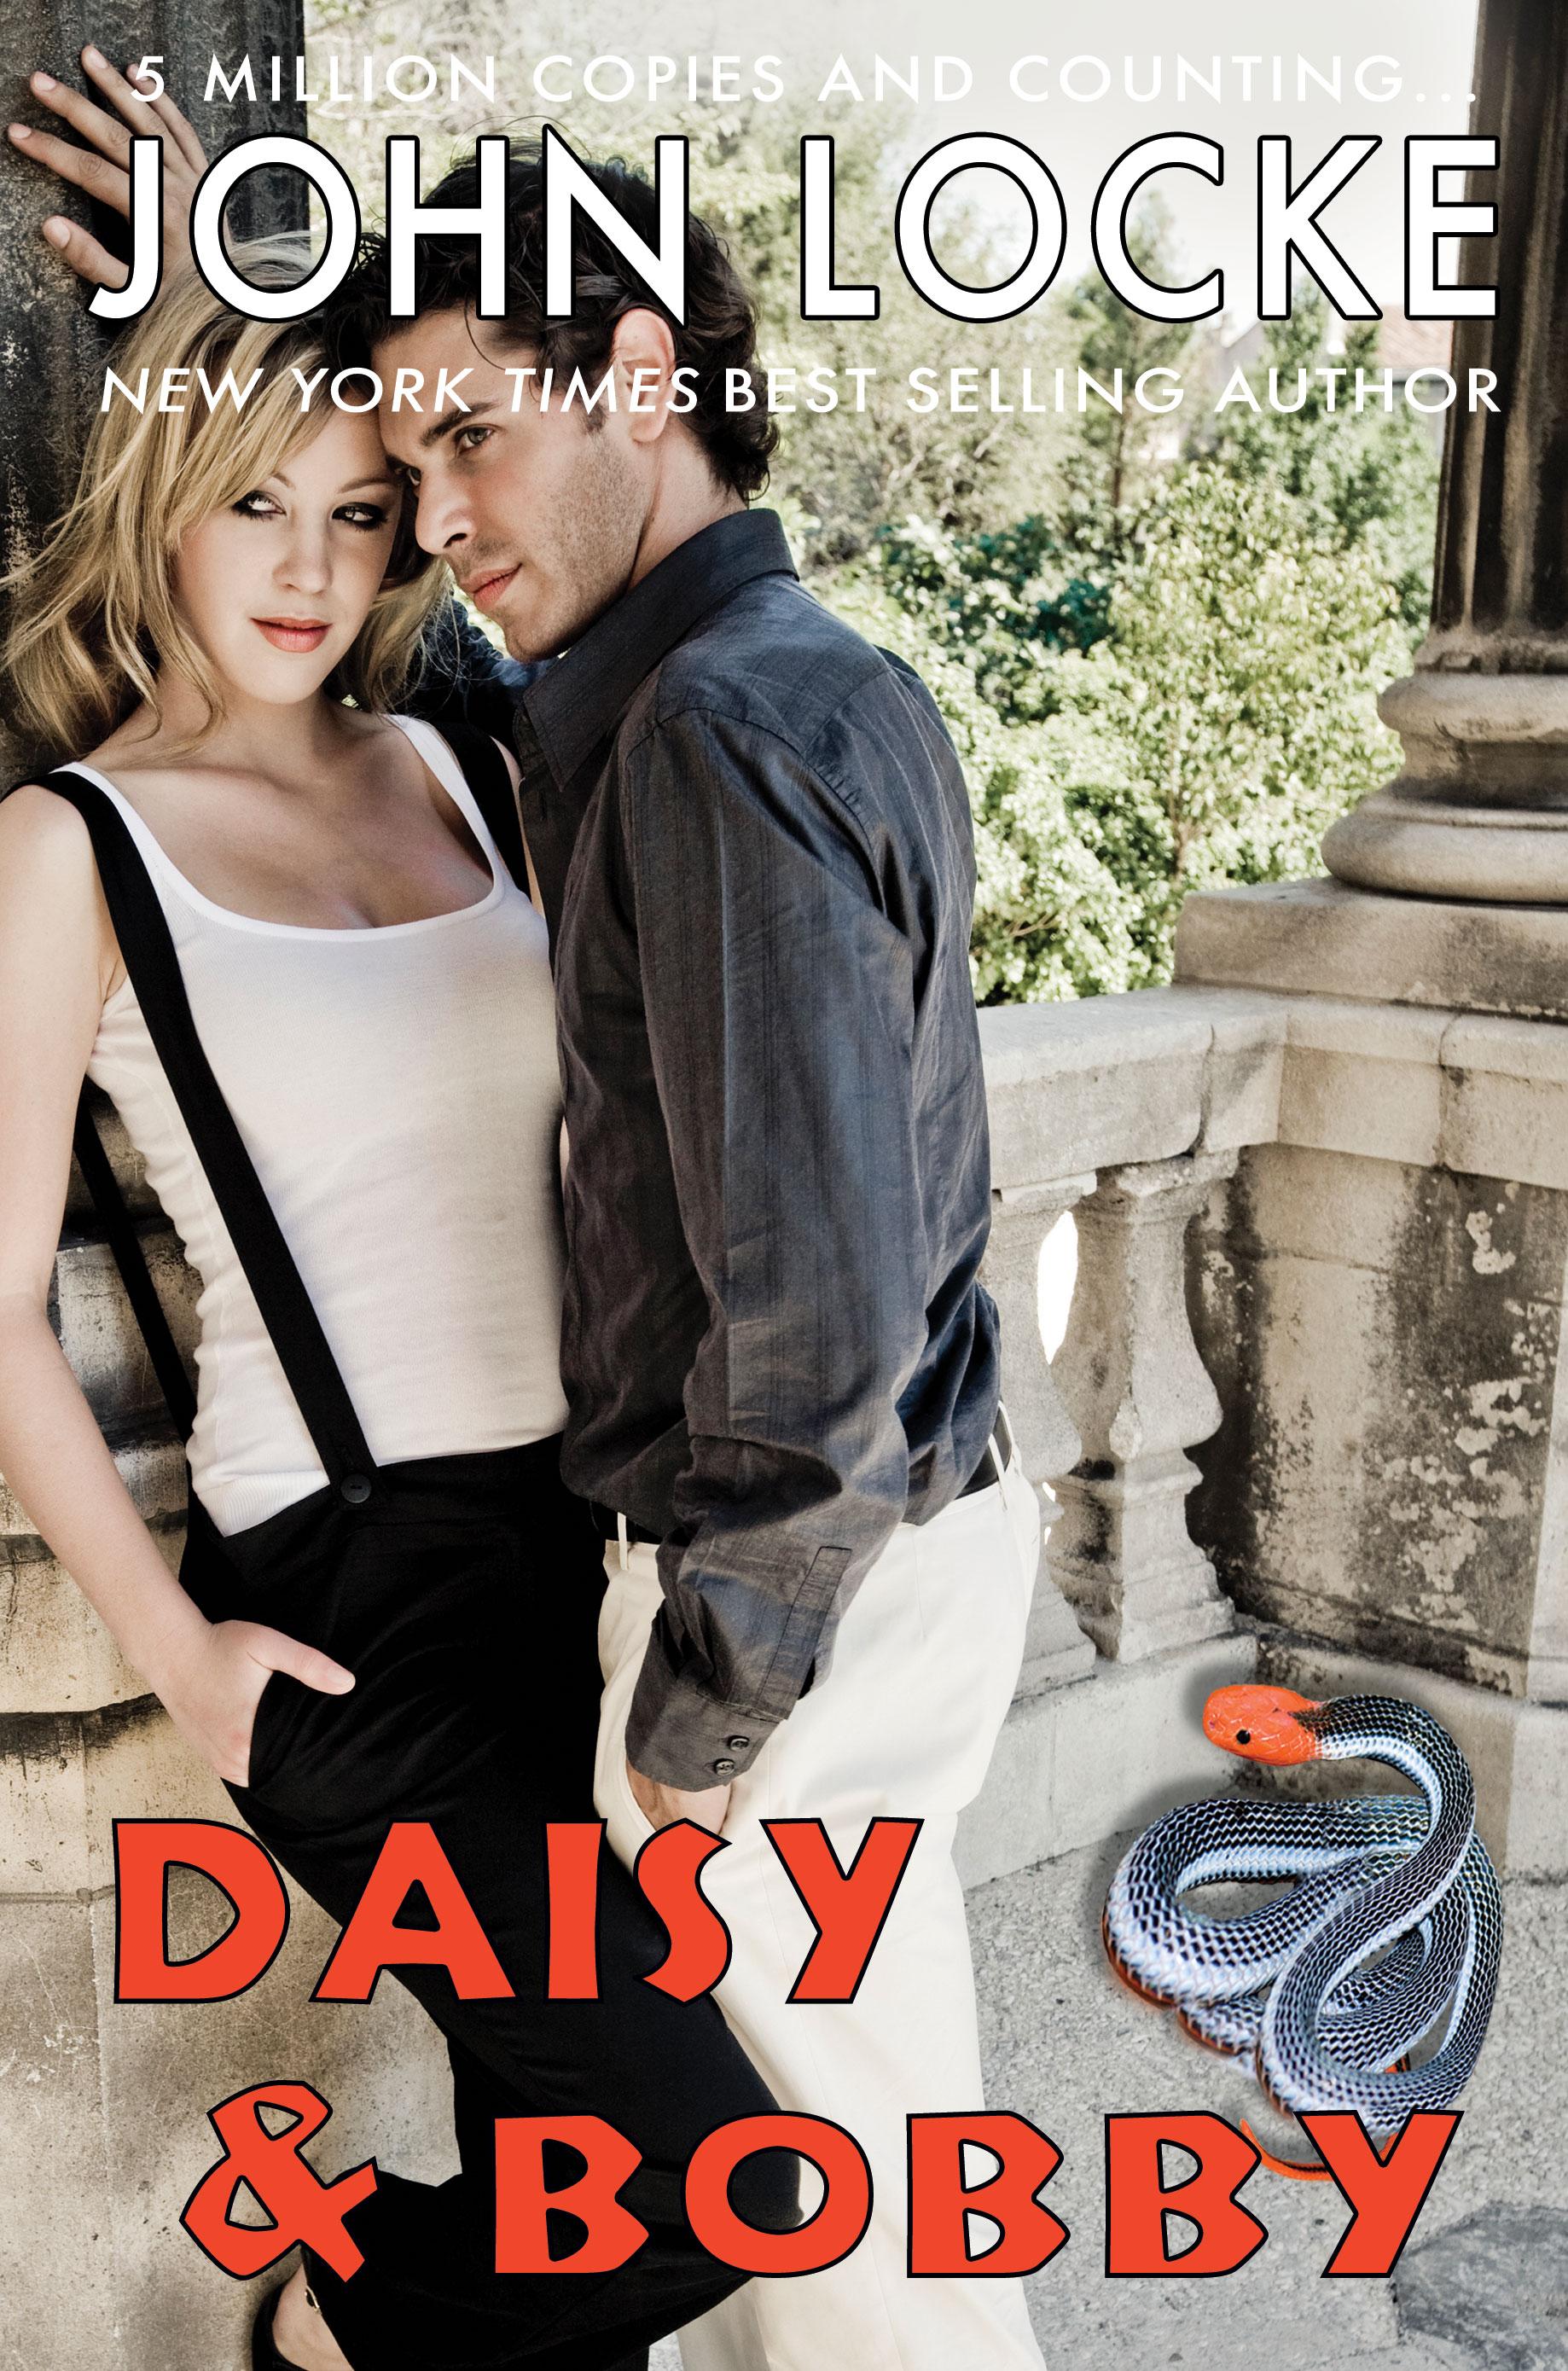 Daisy & Bobby By John Locke